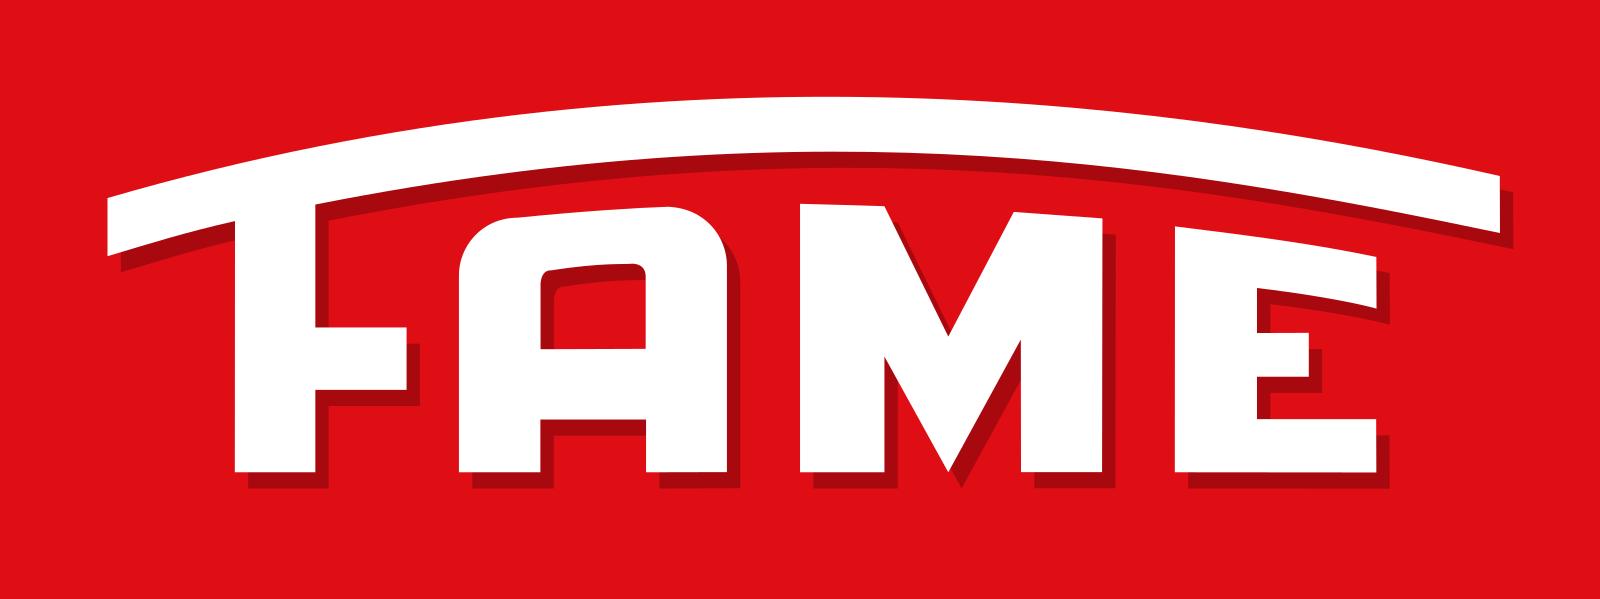 fame logo 5 - Fame Logo